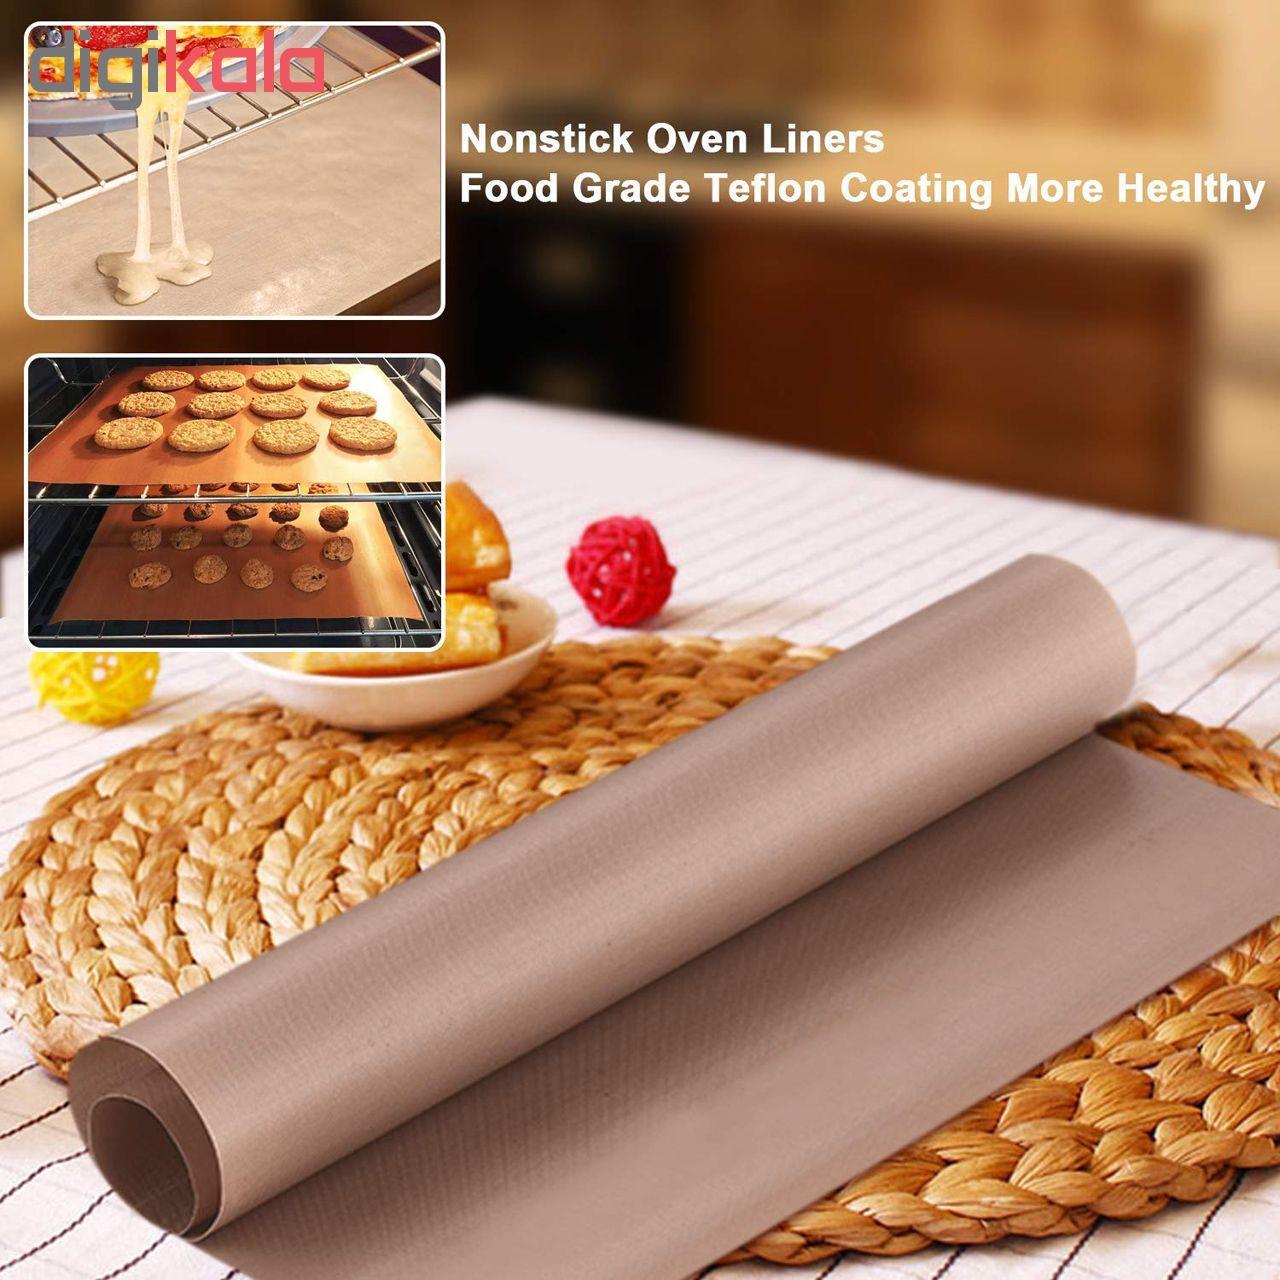 ورق نسوز آشپزی و شیرینی پزی مدل N1  با ابعاد 40 در 60 سانتی متر  main 1 4